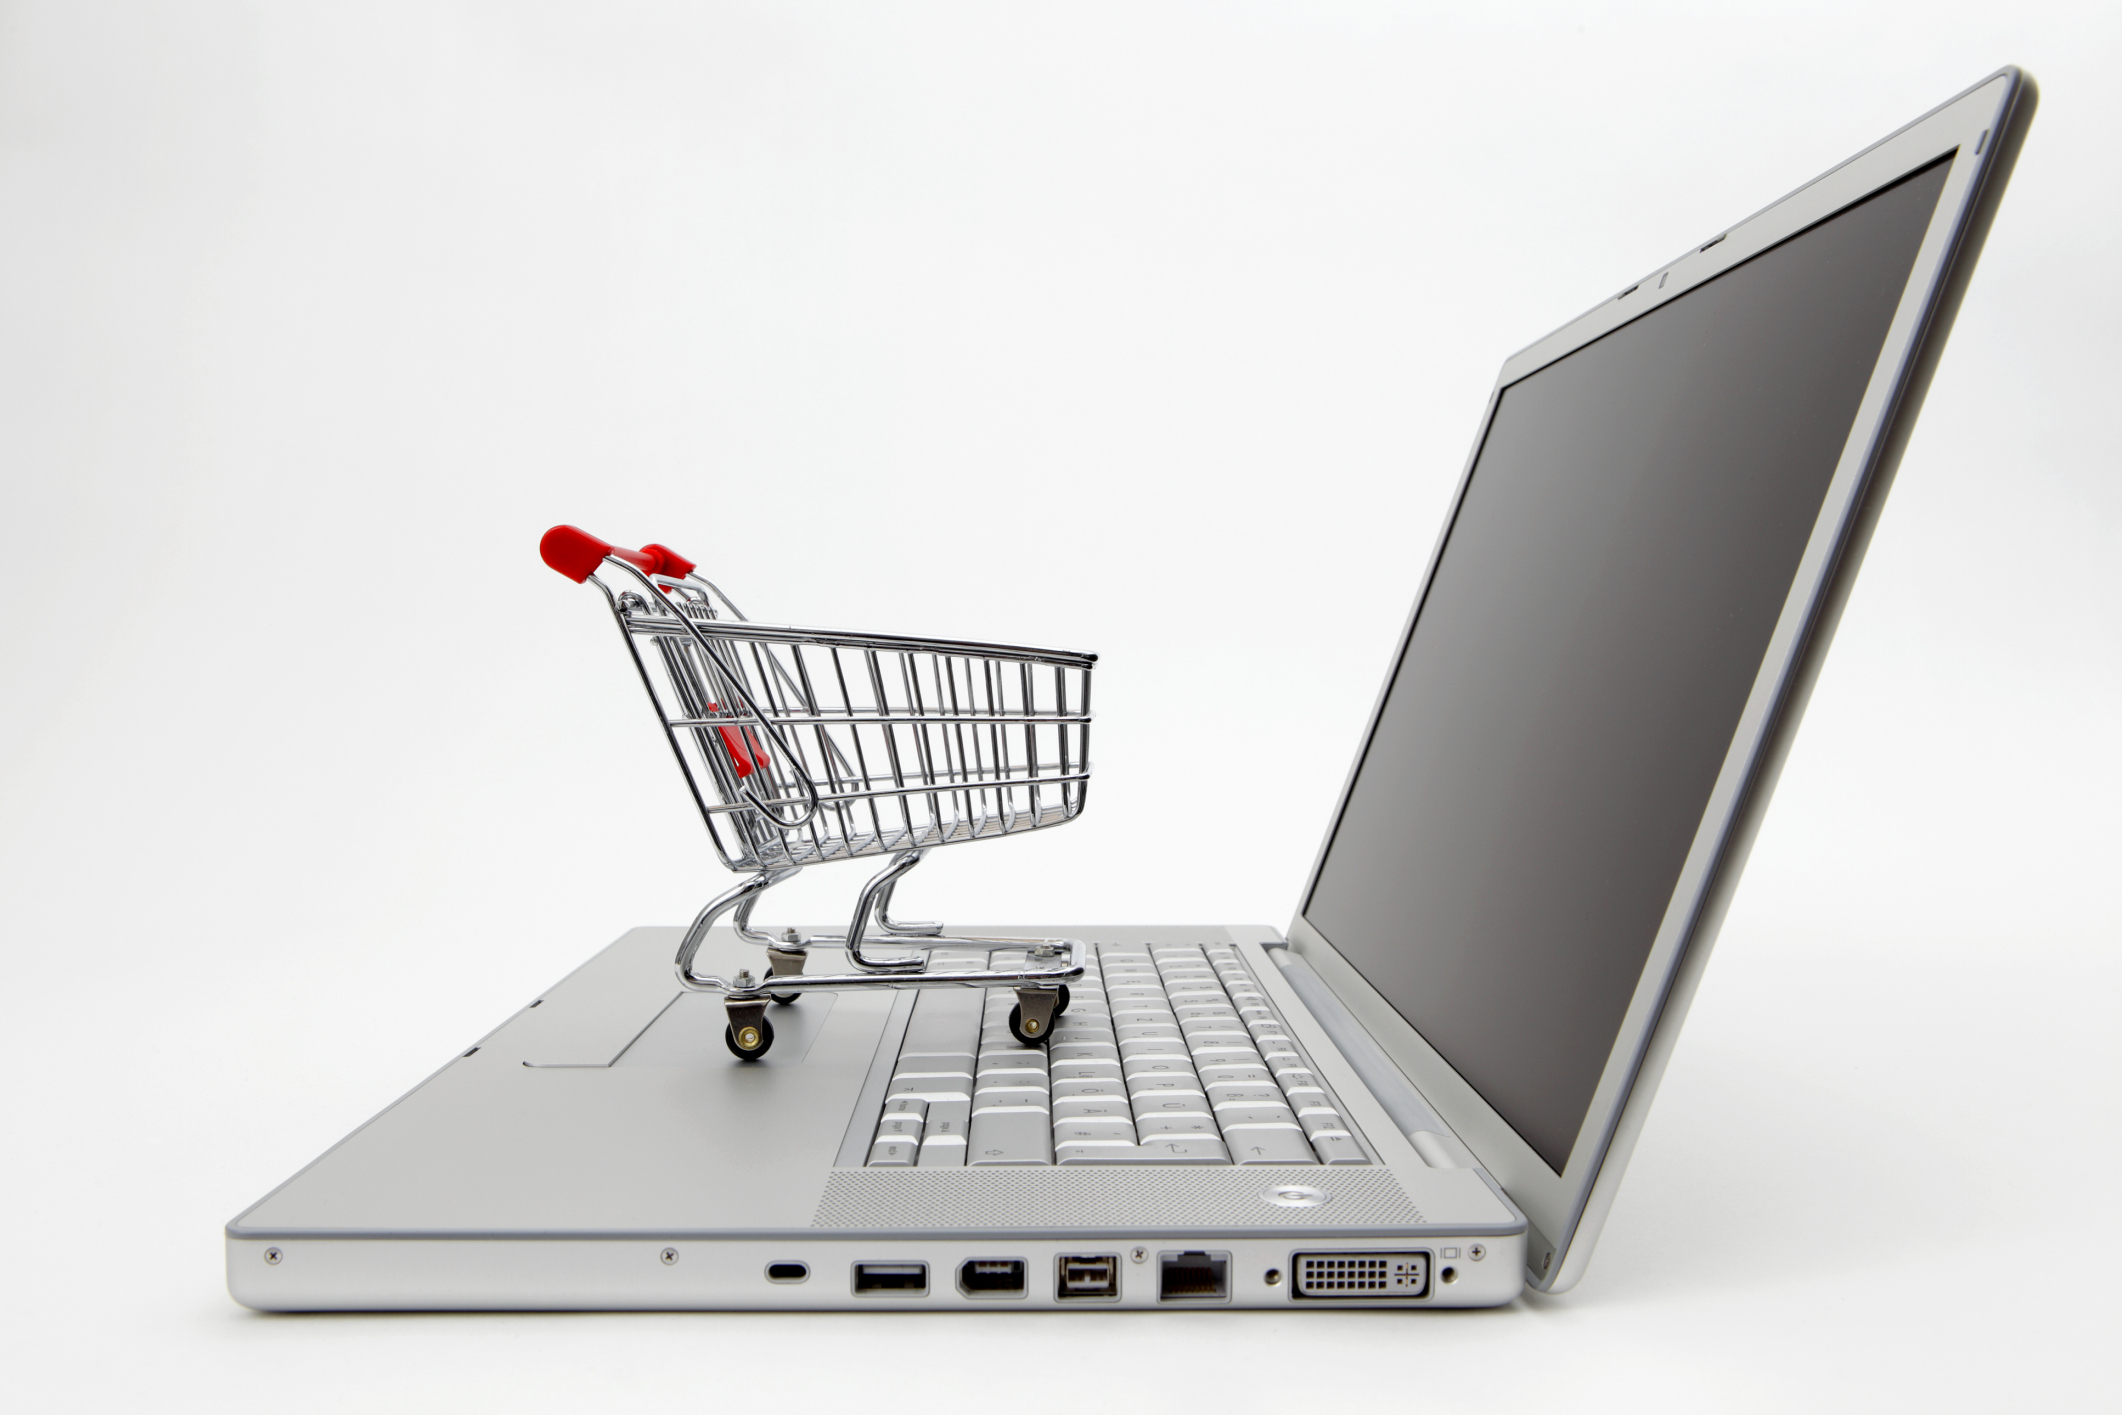 فروشگاه آنلاین ، فروشگاه ساز ، فروشگاه اینترنتی – طراحی سایت در تبریزفروشگاه آنلاین ، فروشگاه ساز ، فروشگاه اینترنتی